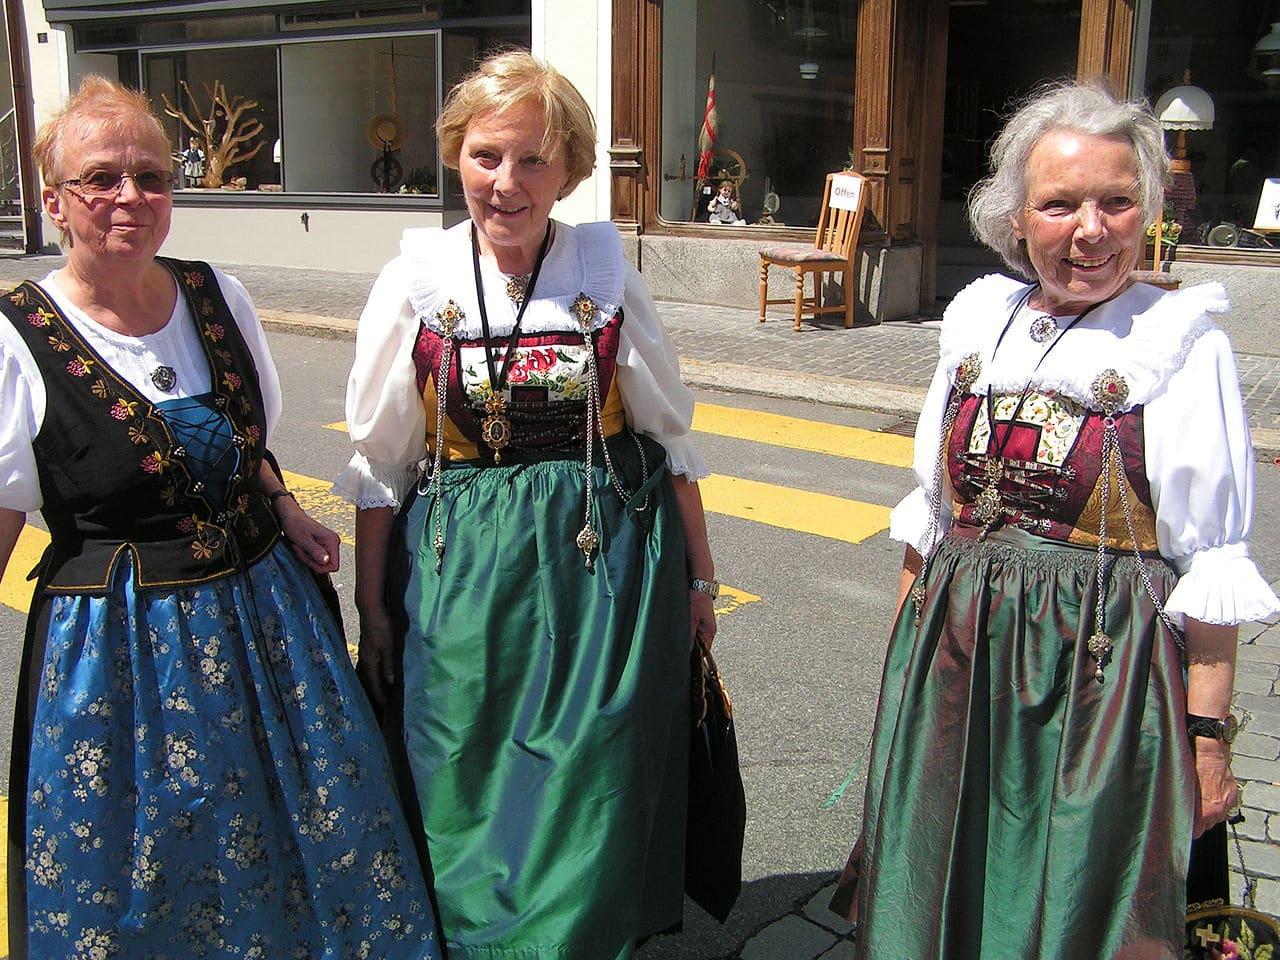 Mujeres con trajes típicos